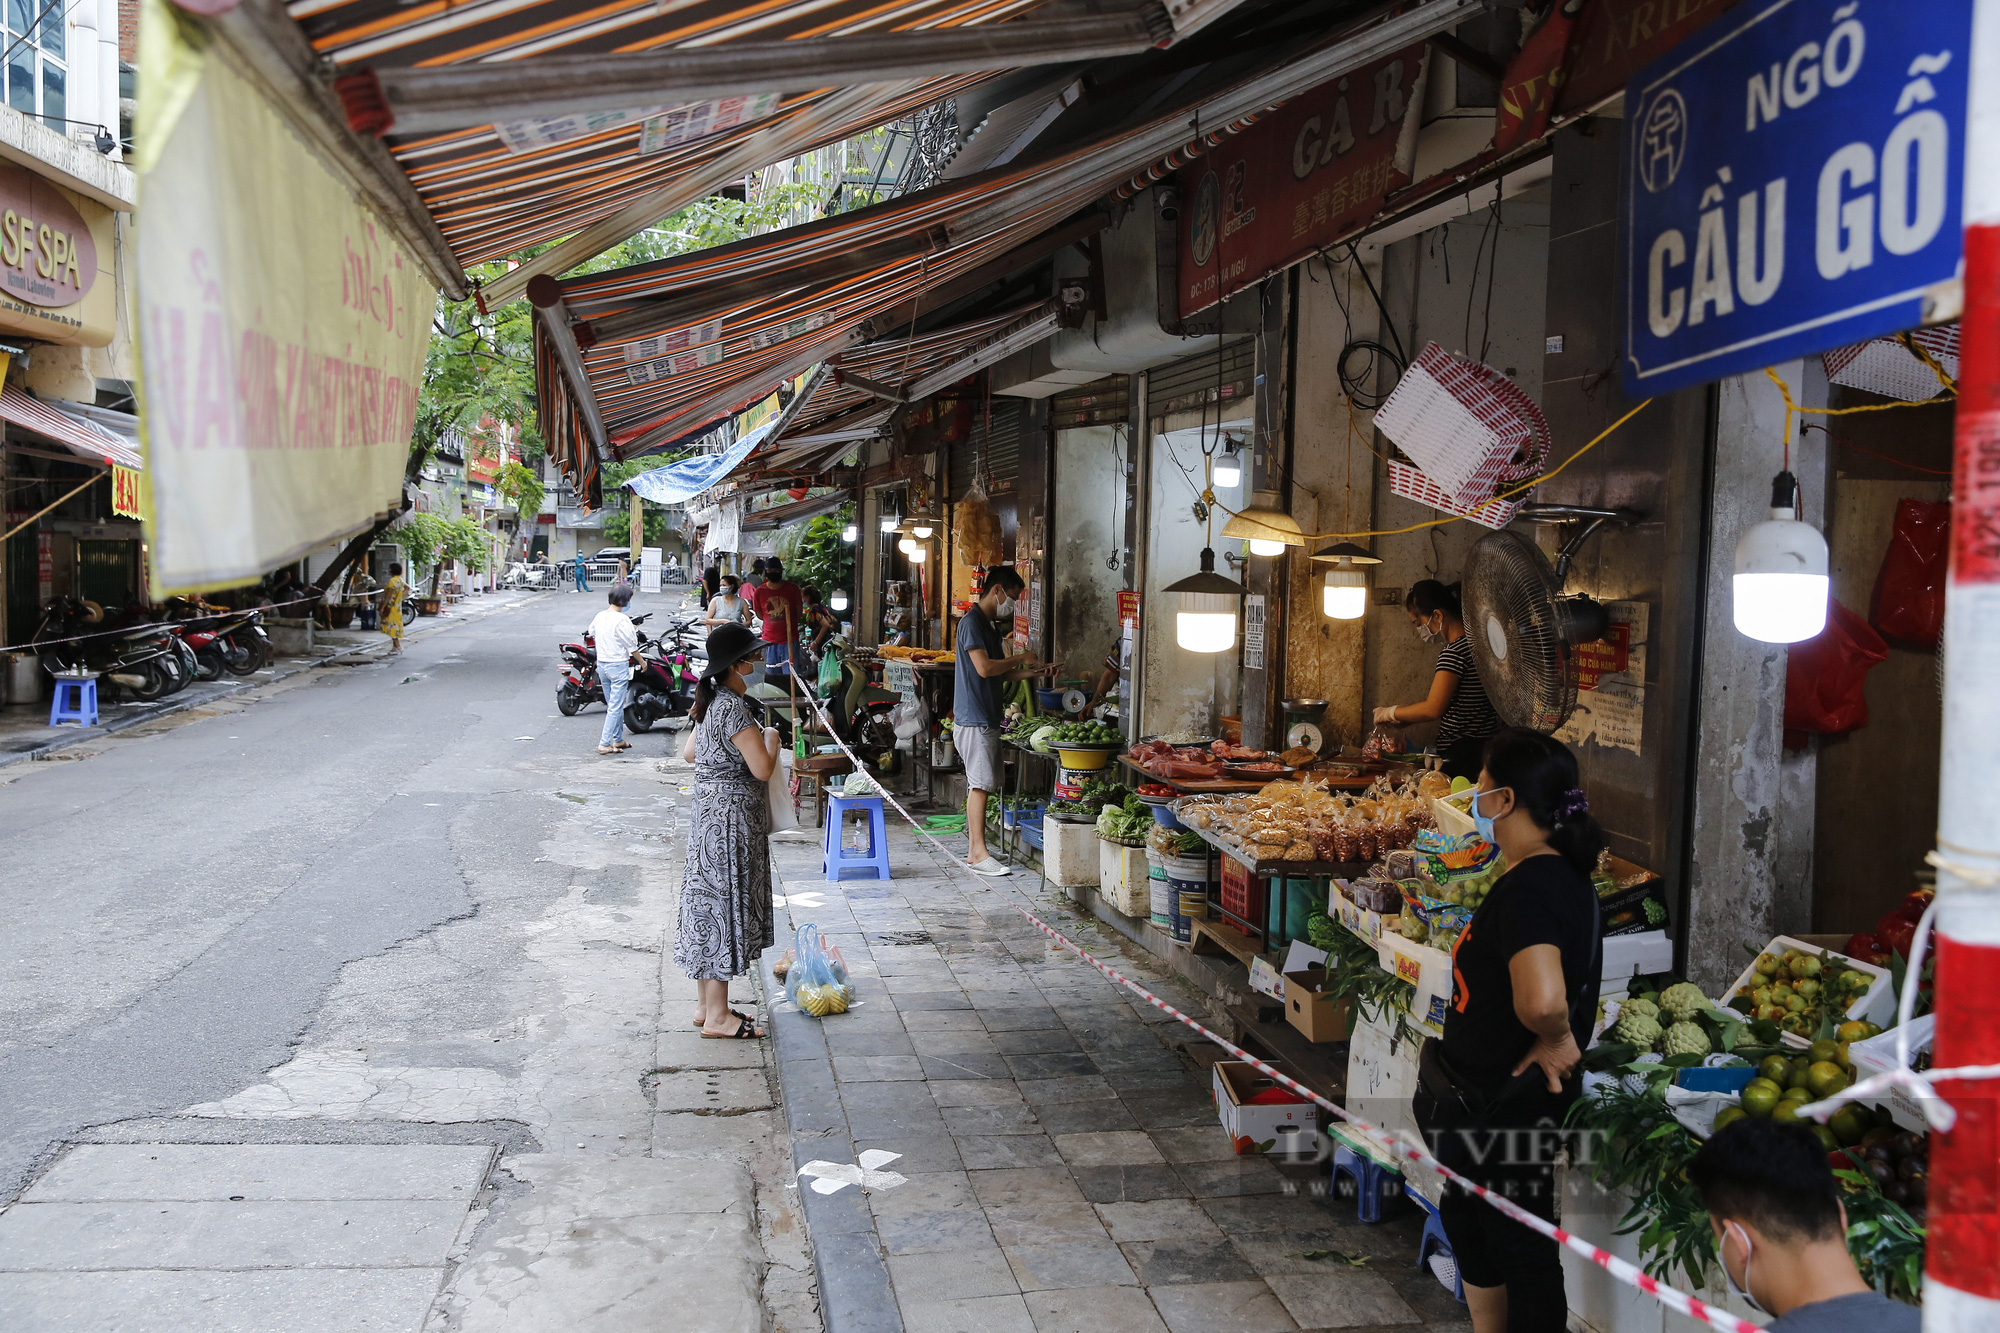 """Xem người dân phố cổ Hà Nội đi chợ """"nhà giàu"""" trong ngày giãn cách xã hội - Ảnh 5."""